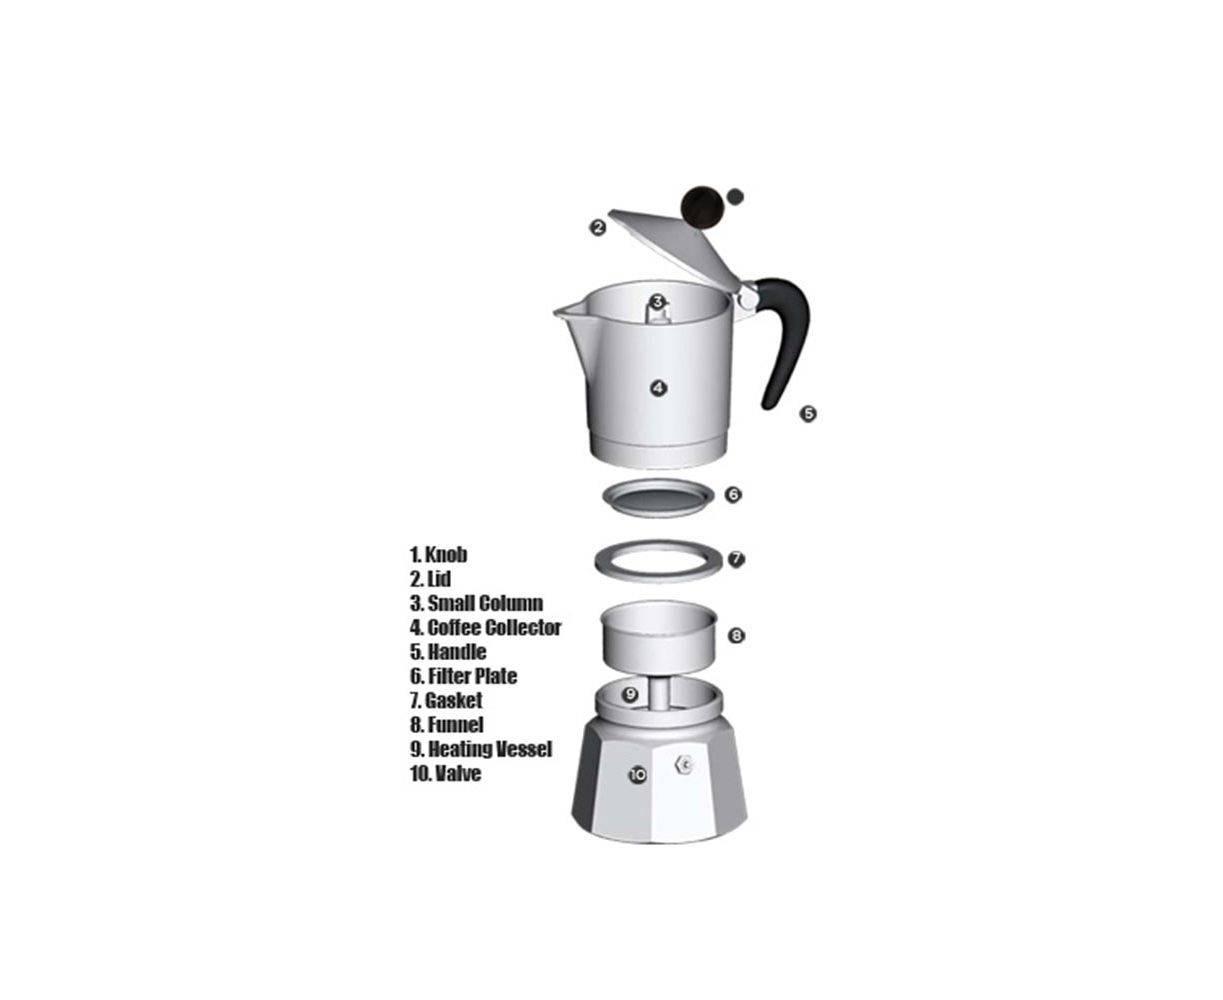 Гейзерная кофеварка — что это?